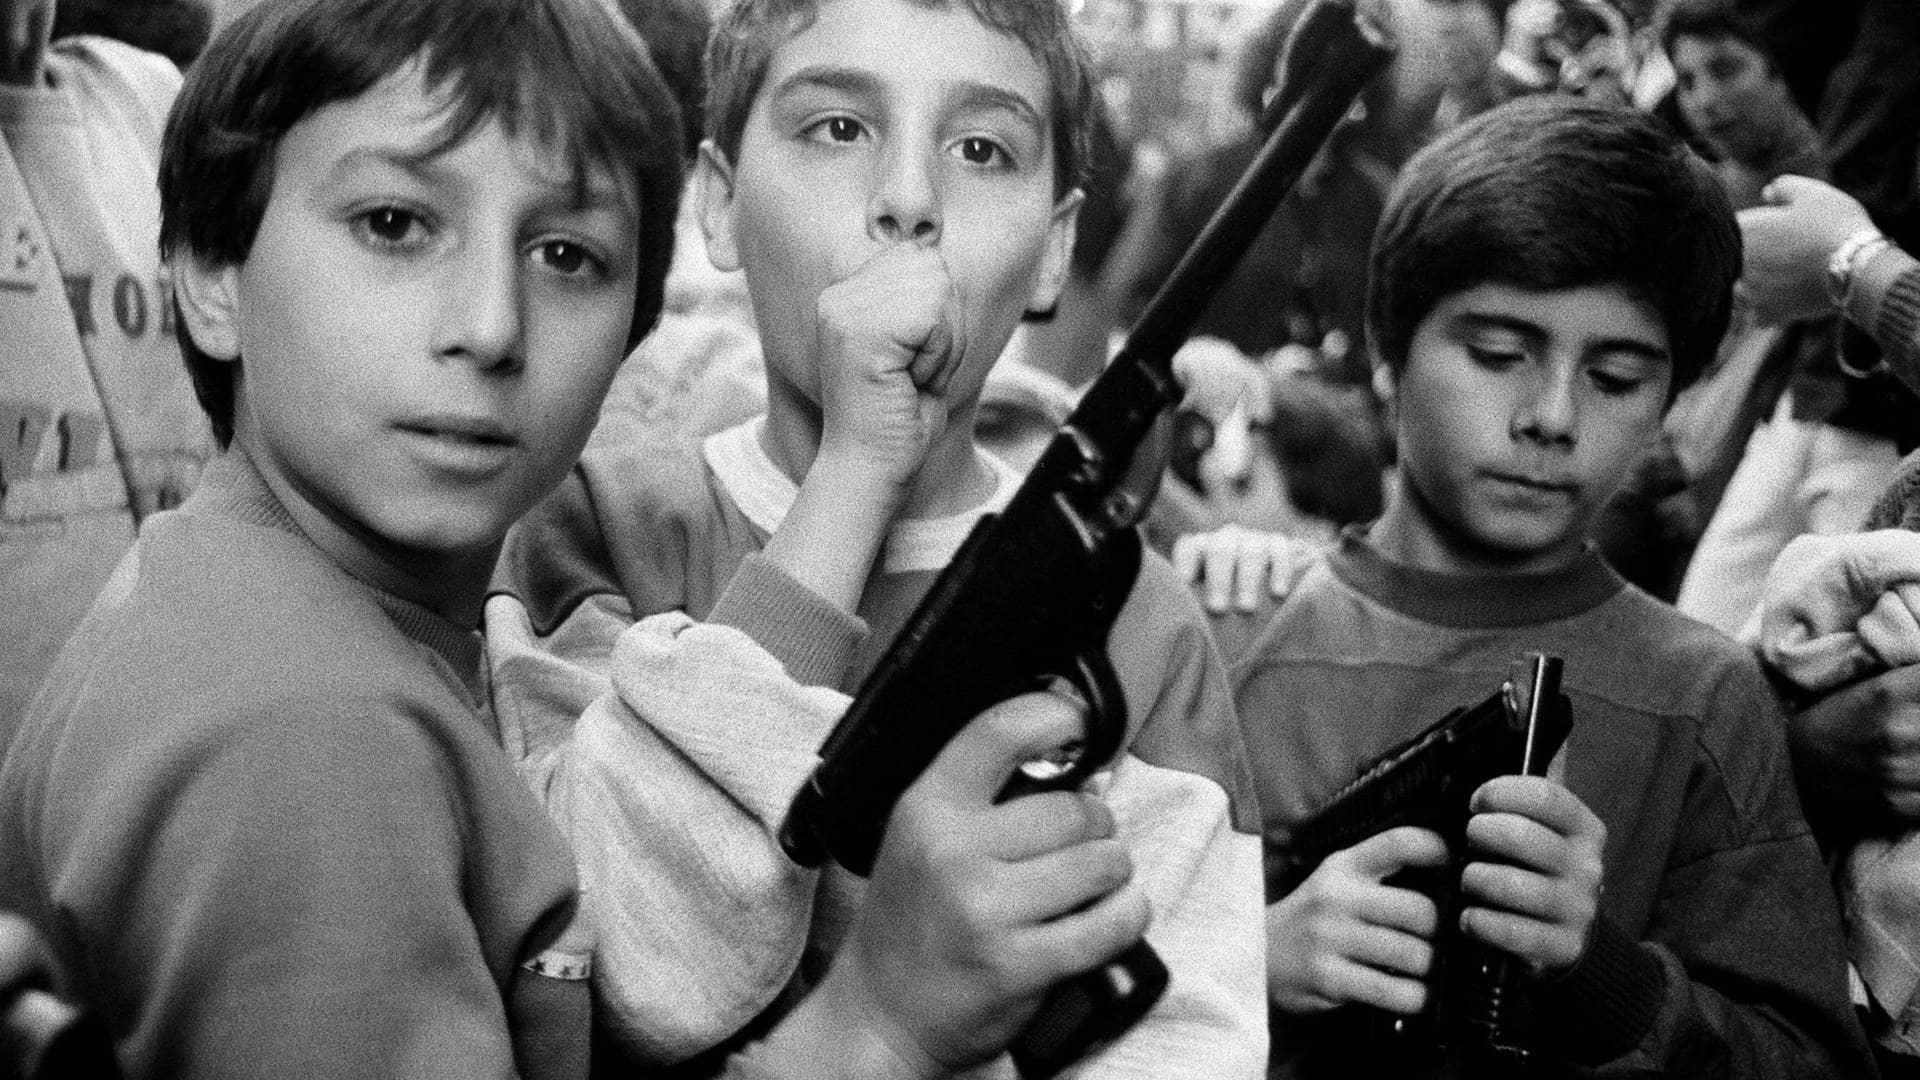 Shooting the Mafia el documental sobre Letizia una fotoperiodista italiana contra la mafia